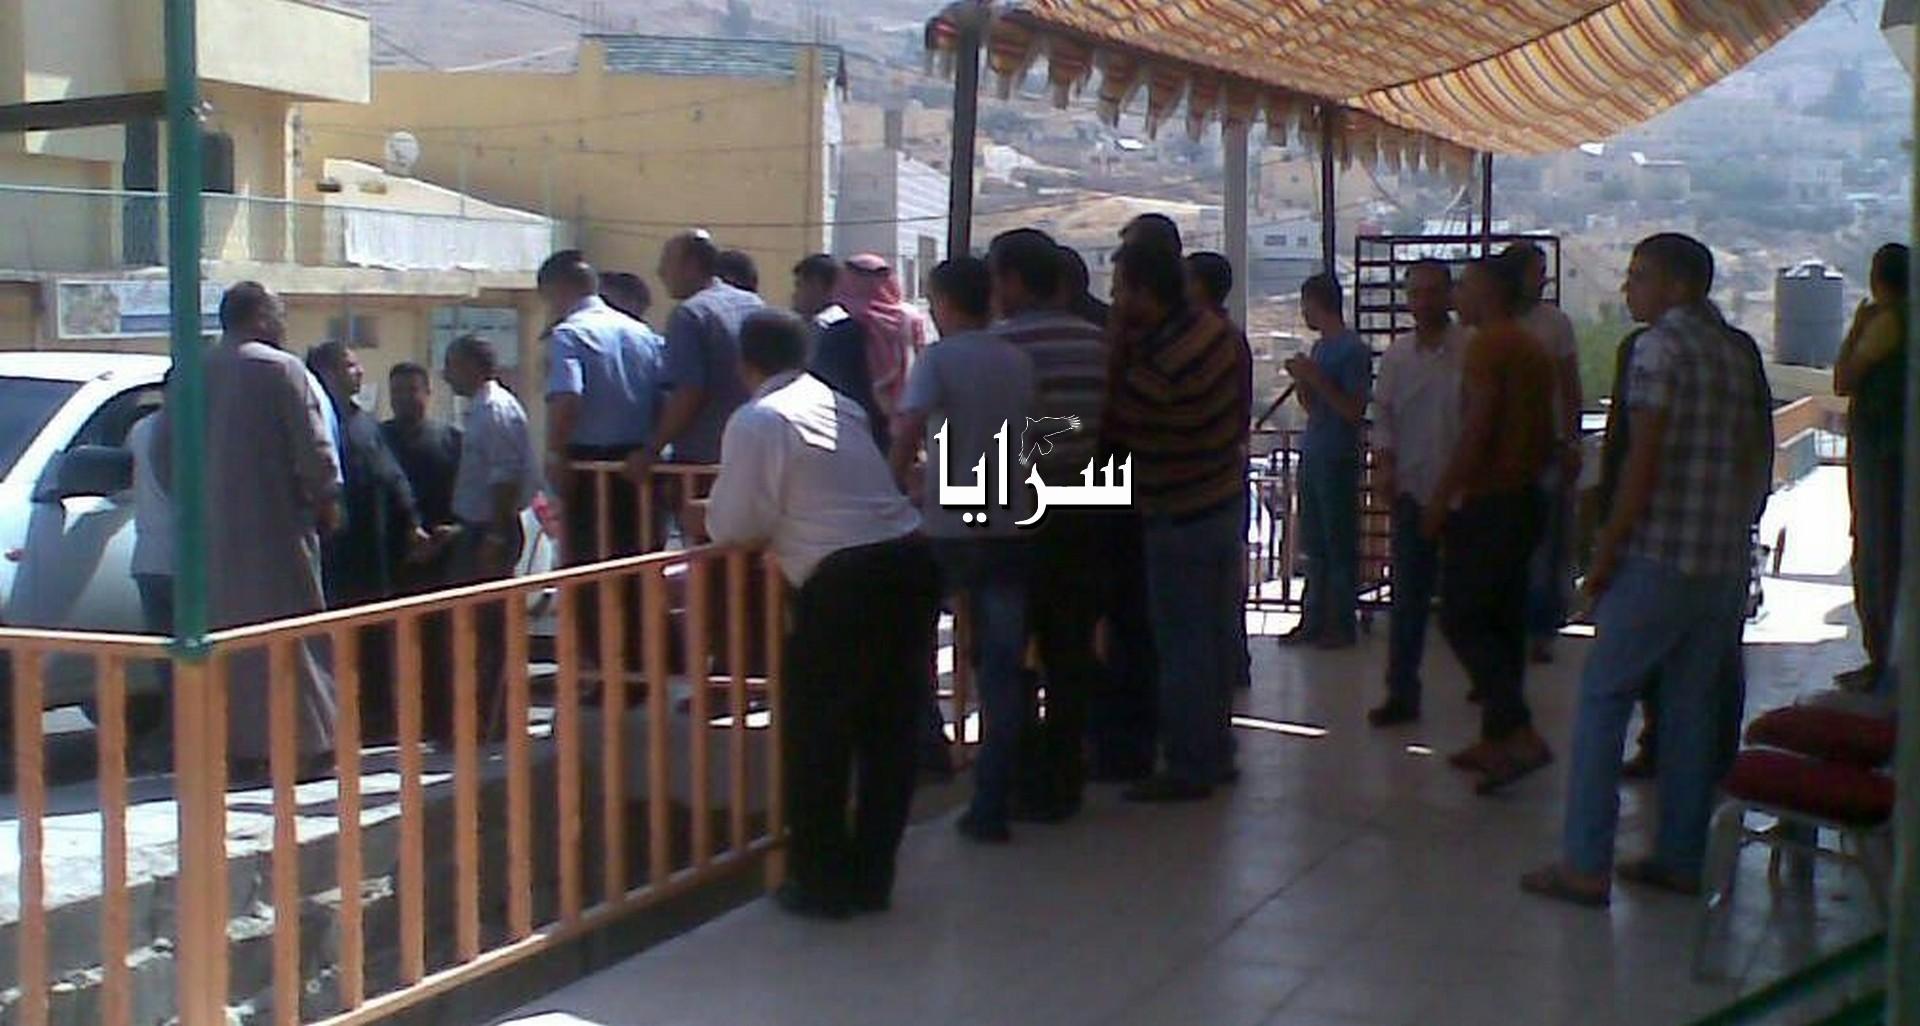 بالصور .. مواطنون يغلقون شارع بطبية البترا لنقص الخبز لعدم توفر الطحين